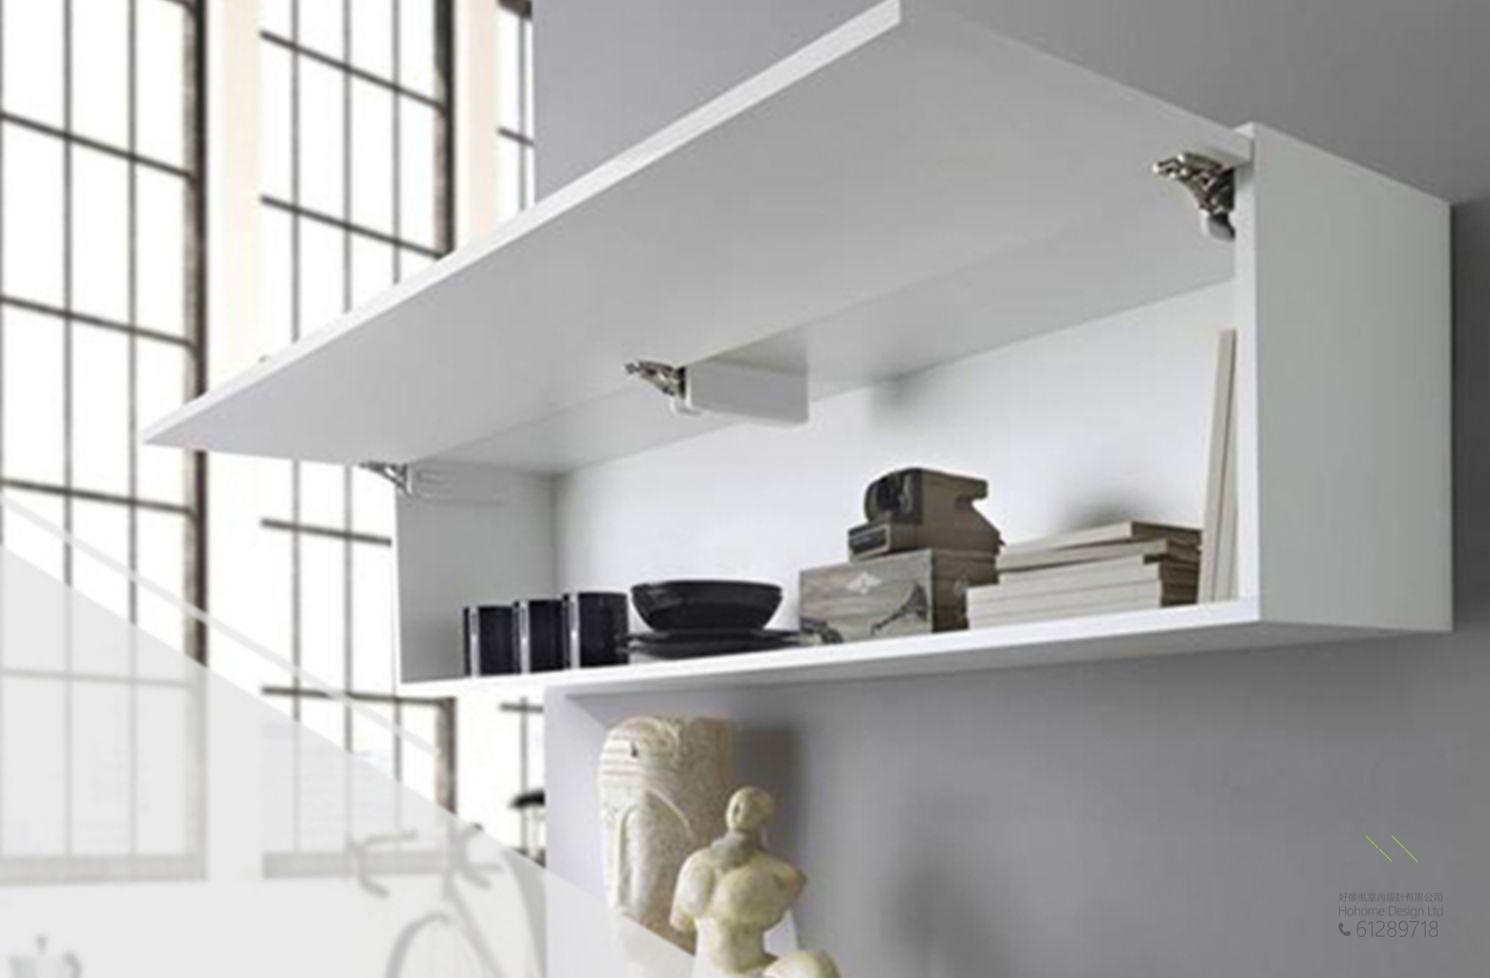 意大利進口静音上翻式門鉸,適合應用在訂造廚櫃、衣櫃、儲物櫃、書櫃、電視櫃、鞋櫃及門鉸或其他由我們設計師建議的訂造傢俬之上